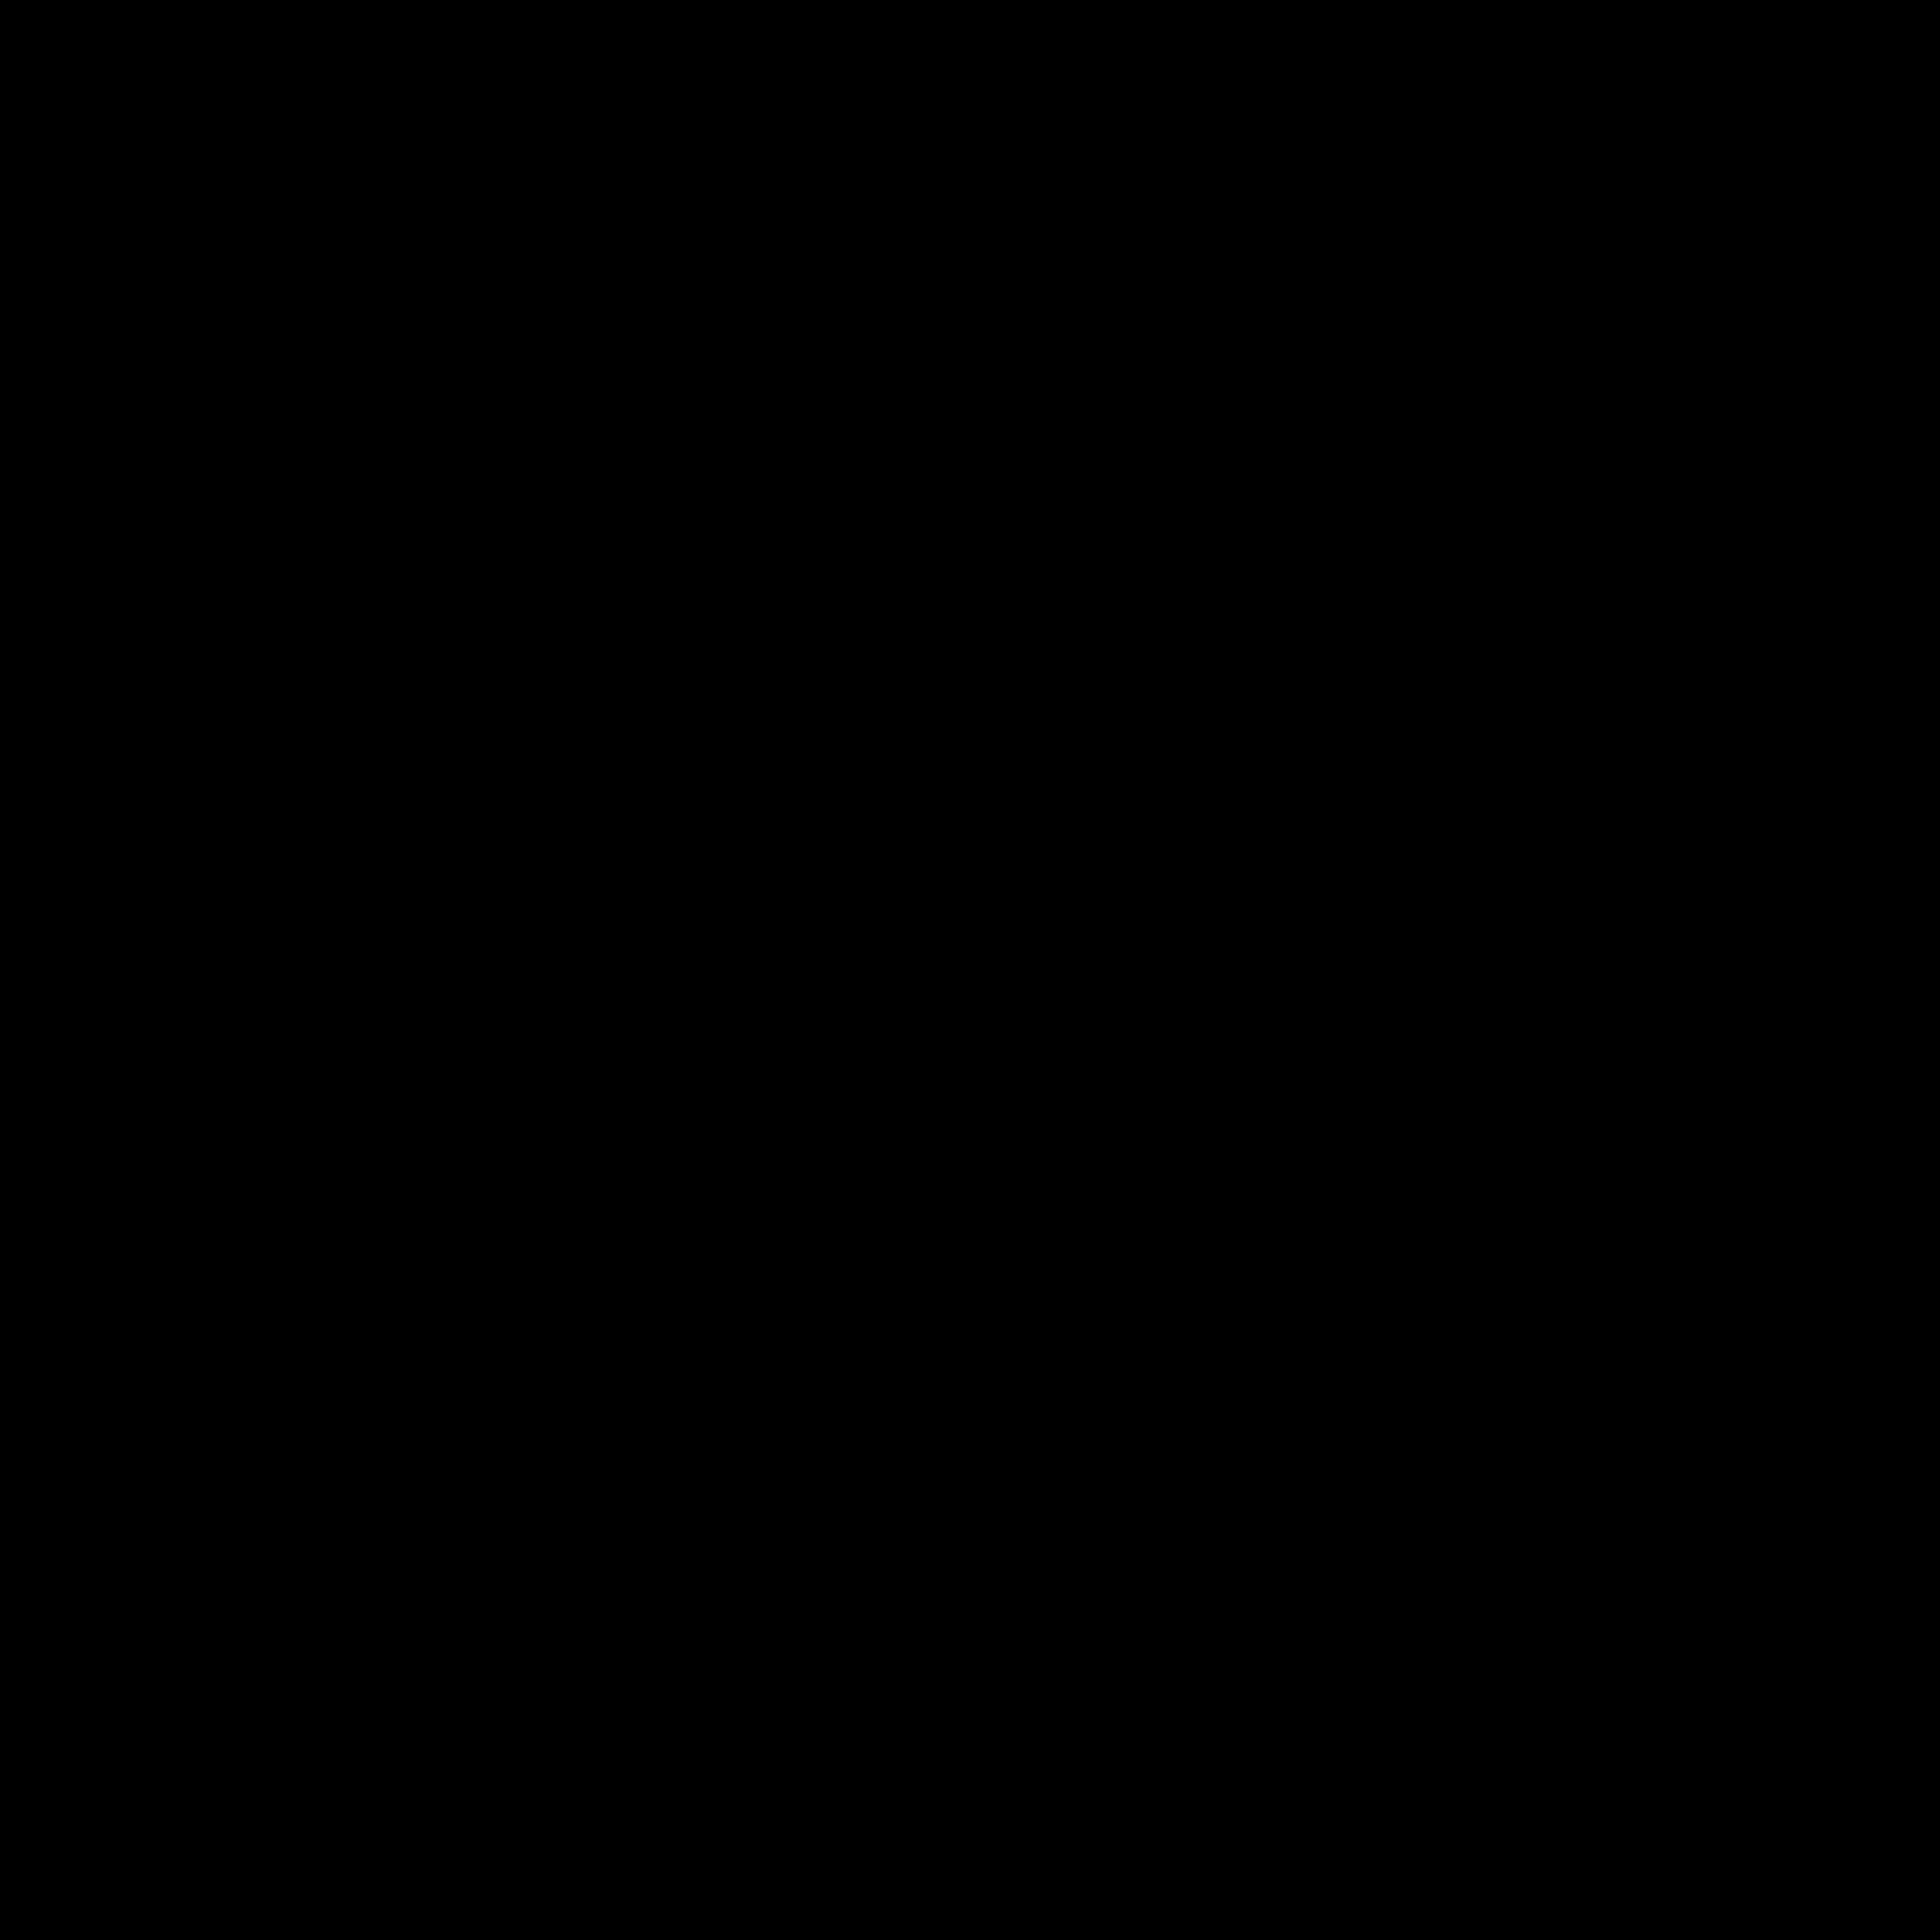 nike logo png transparent svg vector freebie supply rh freebiesupply com nike vector logo png nike logo vector illustration